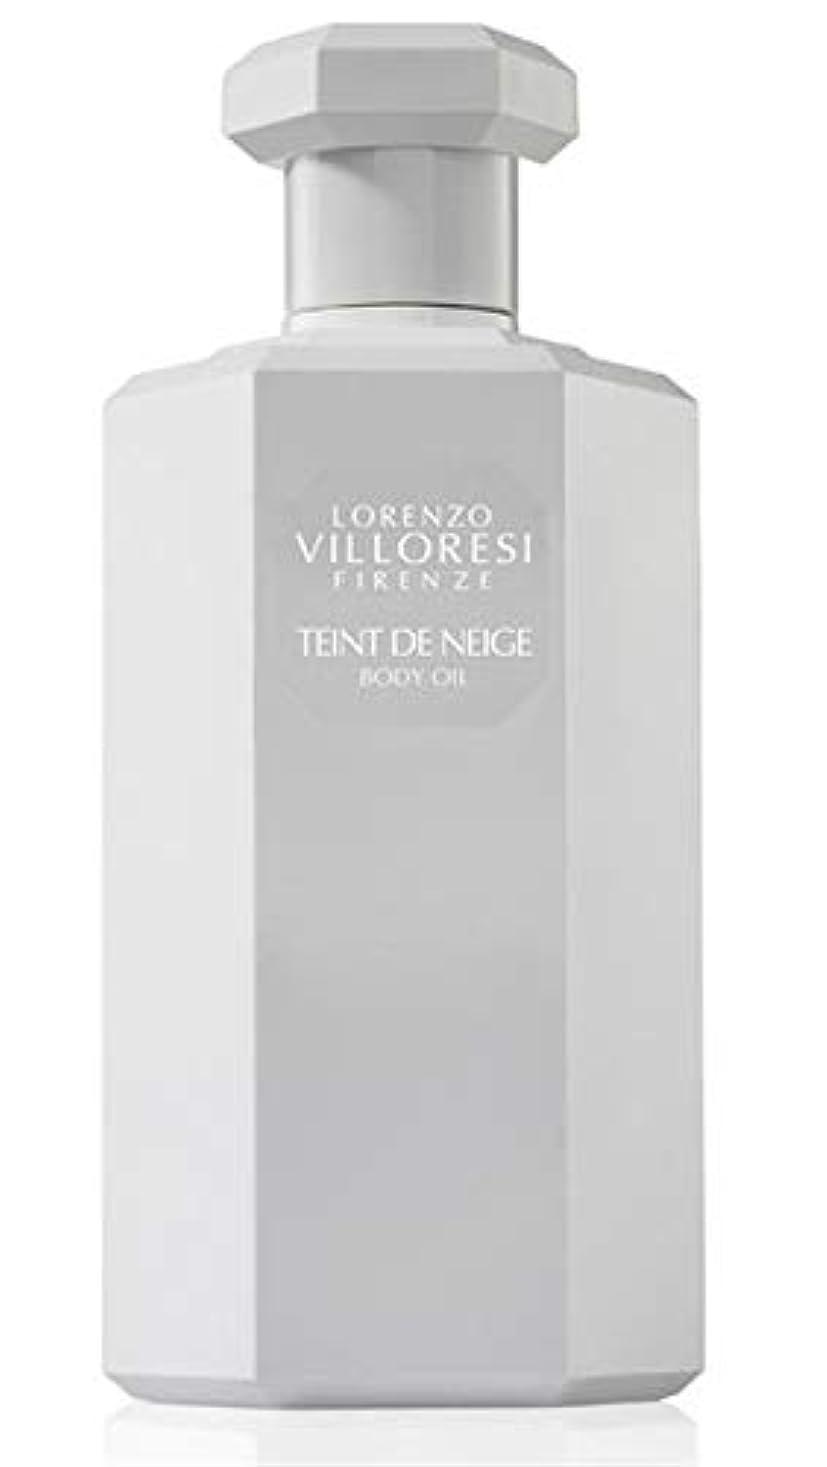 申し込む初心者一見Lorenzo Villoresi Teint De Neige Body Oil 250 ml New in Box